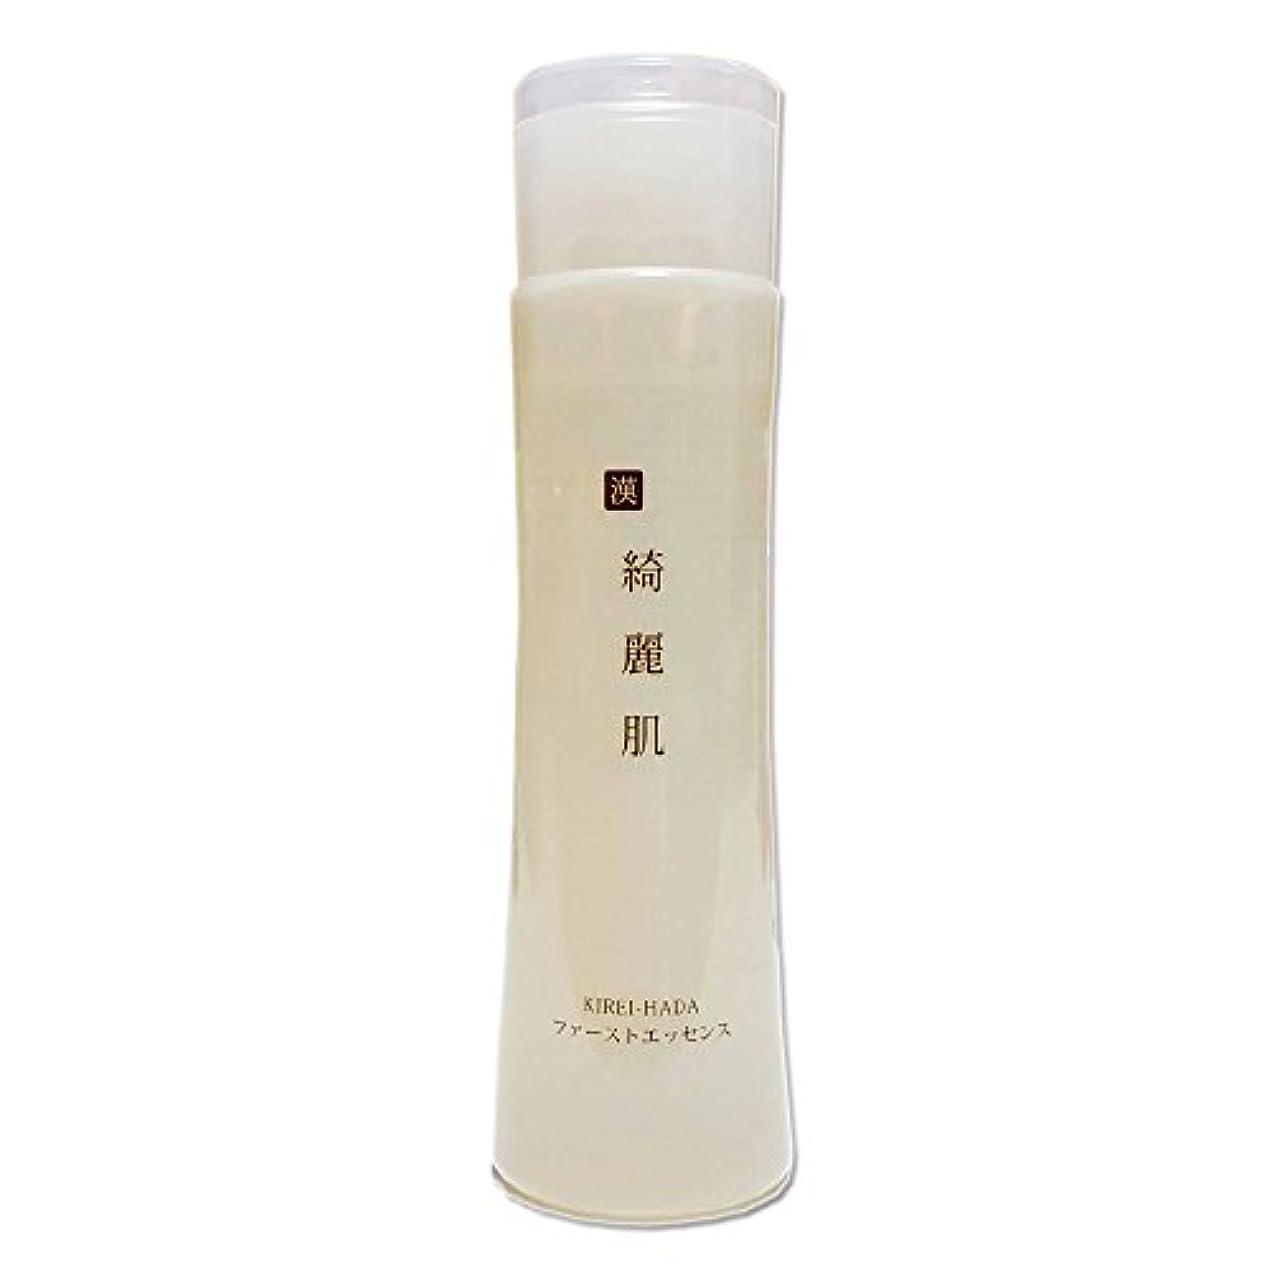 結核レイア合法ファーストエッセンス 美容液化粧水 200ml